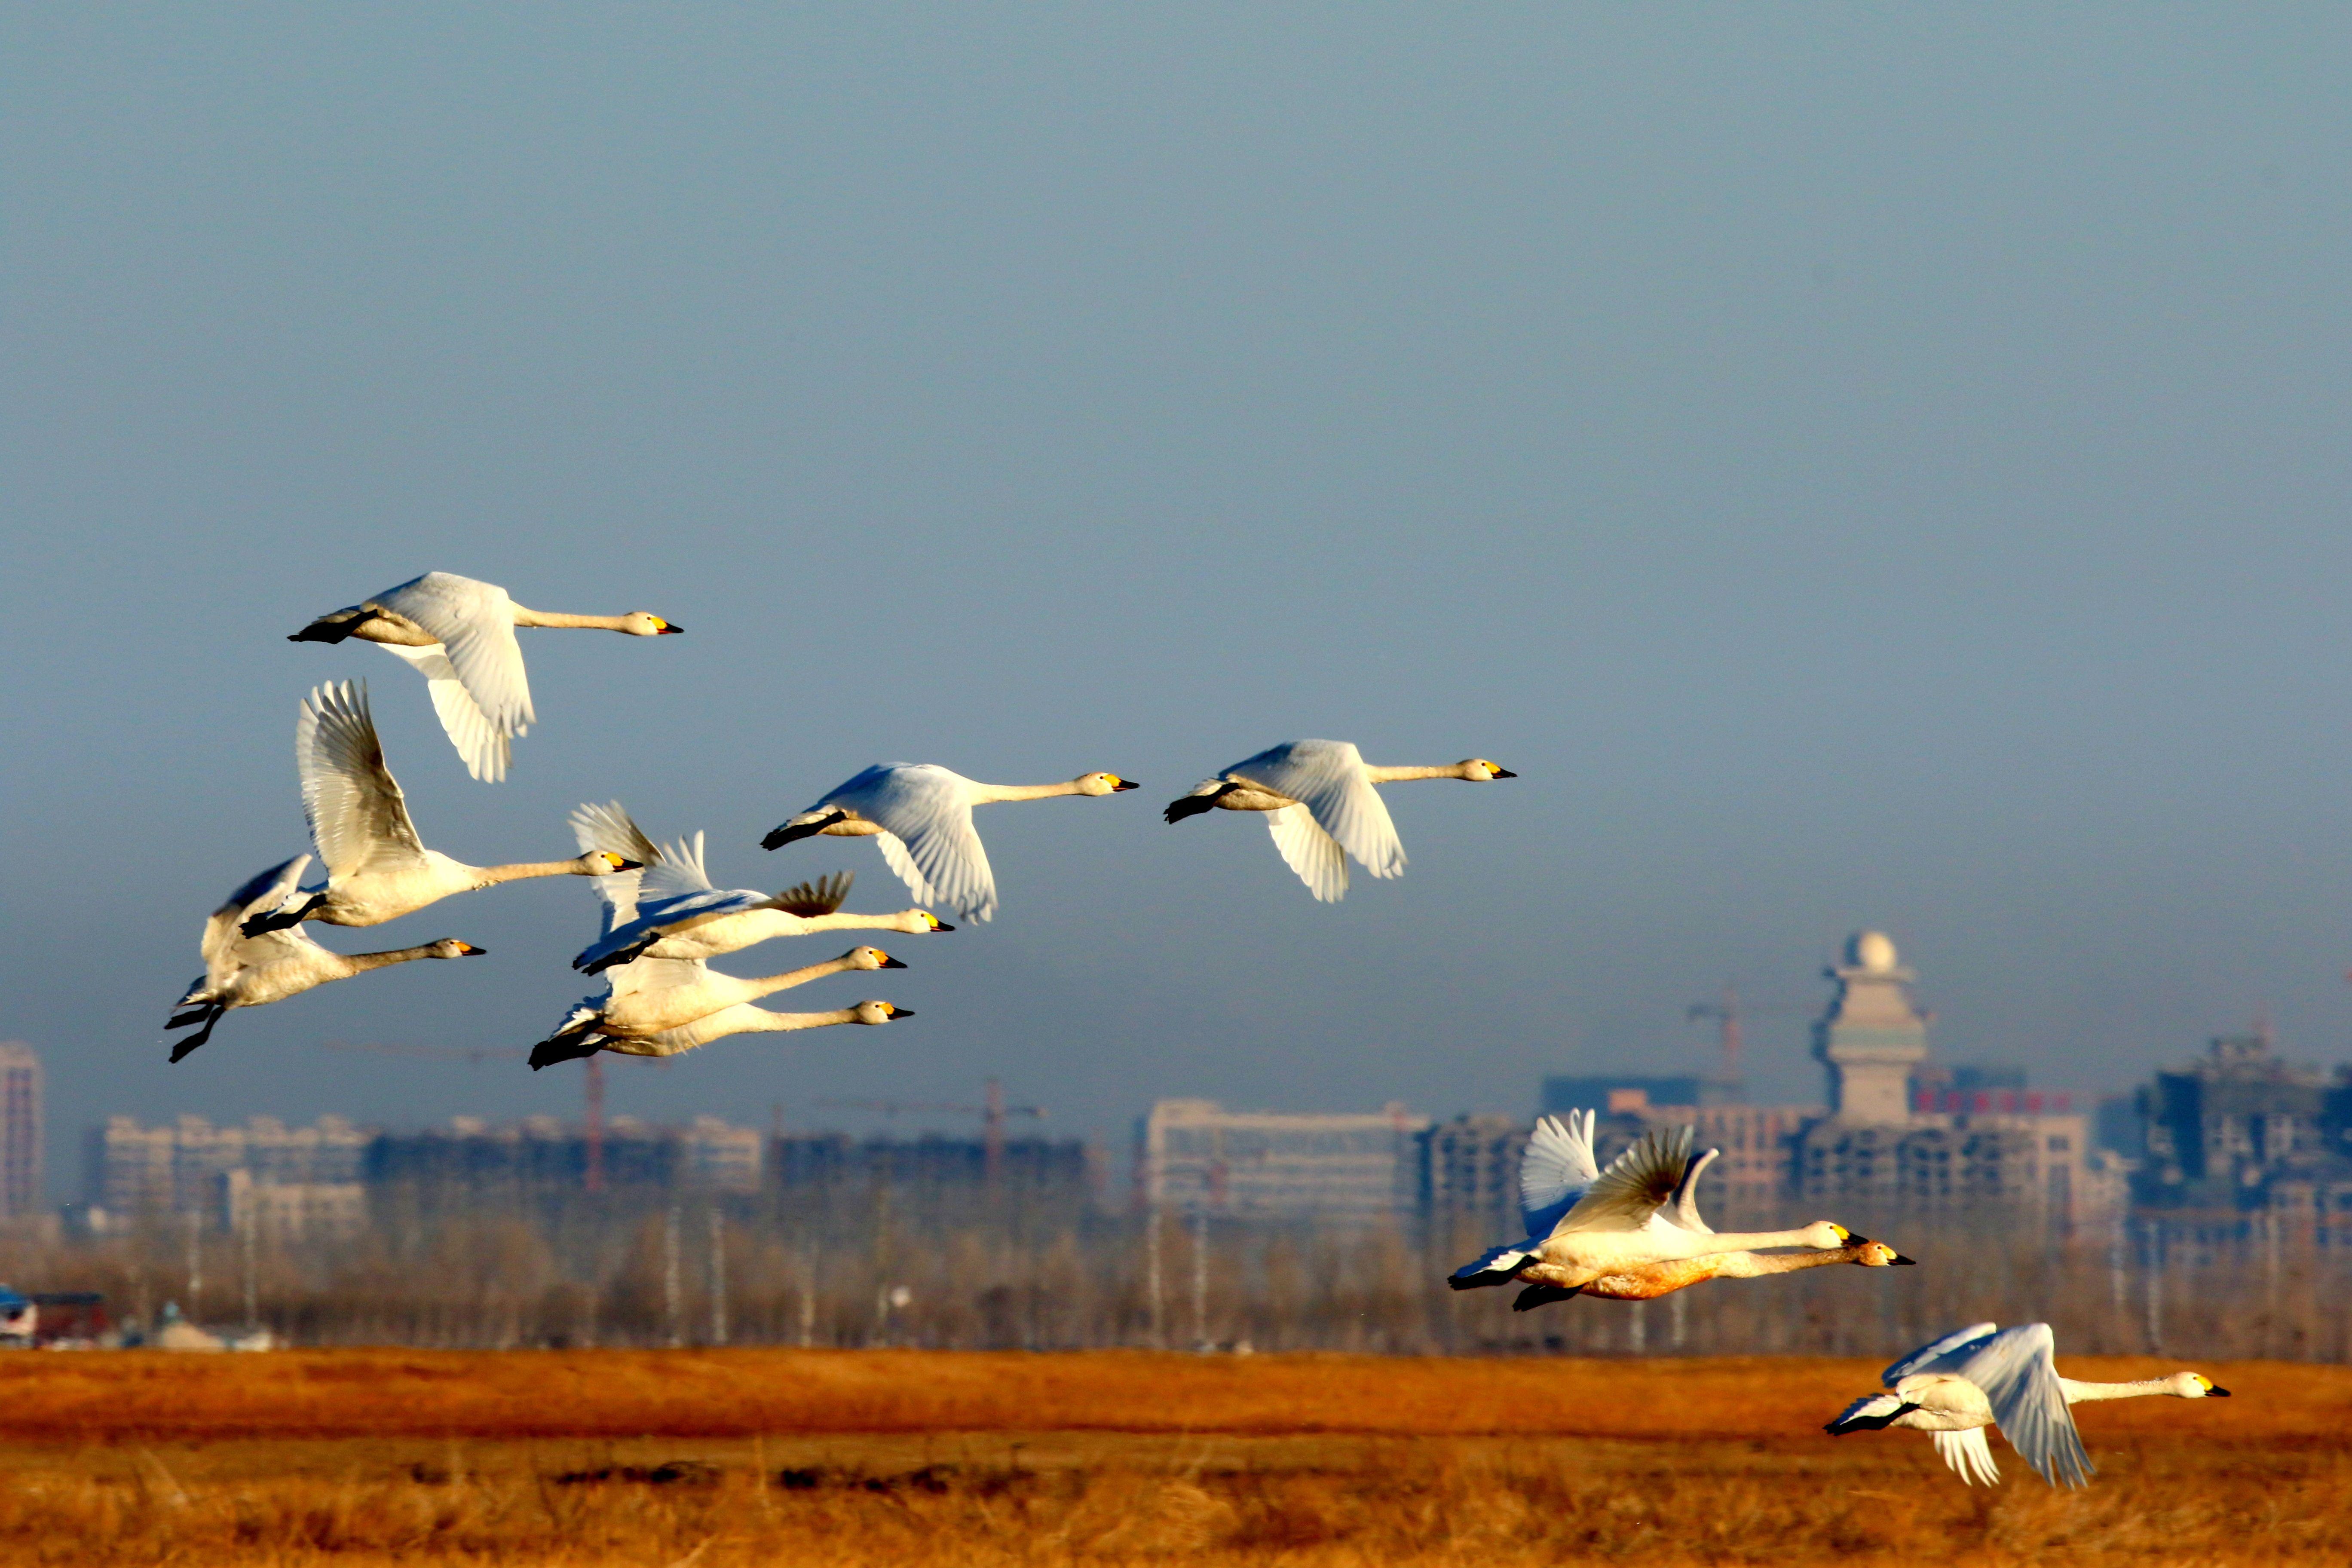 大天鹅 周玉峰 摄于临河黄河湿地公园